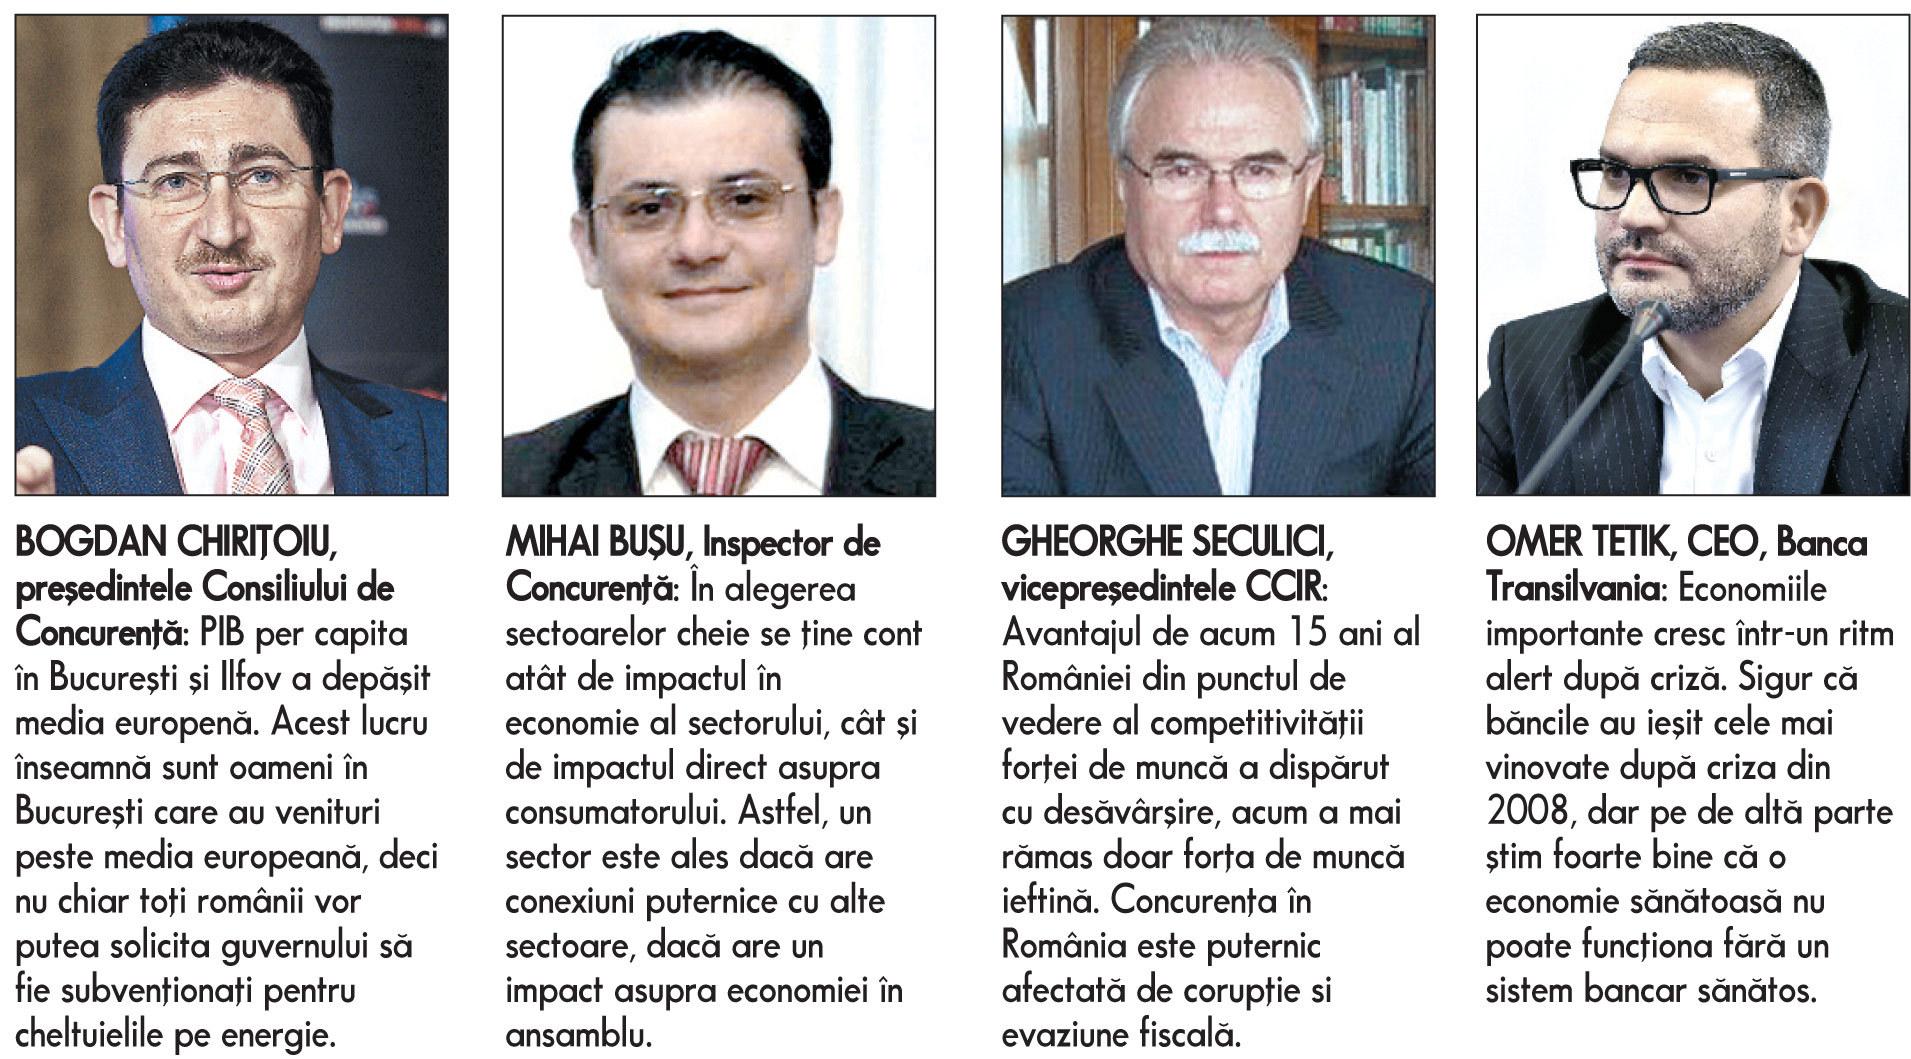 Consiliul Concurenţei: Zona comerţului a primit un impuls de la comerţul online. Industria telecom este una foarte competitivă, în timp ce sistemul bancar românesc rămâne în urma celui din zona euro